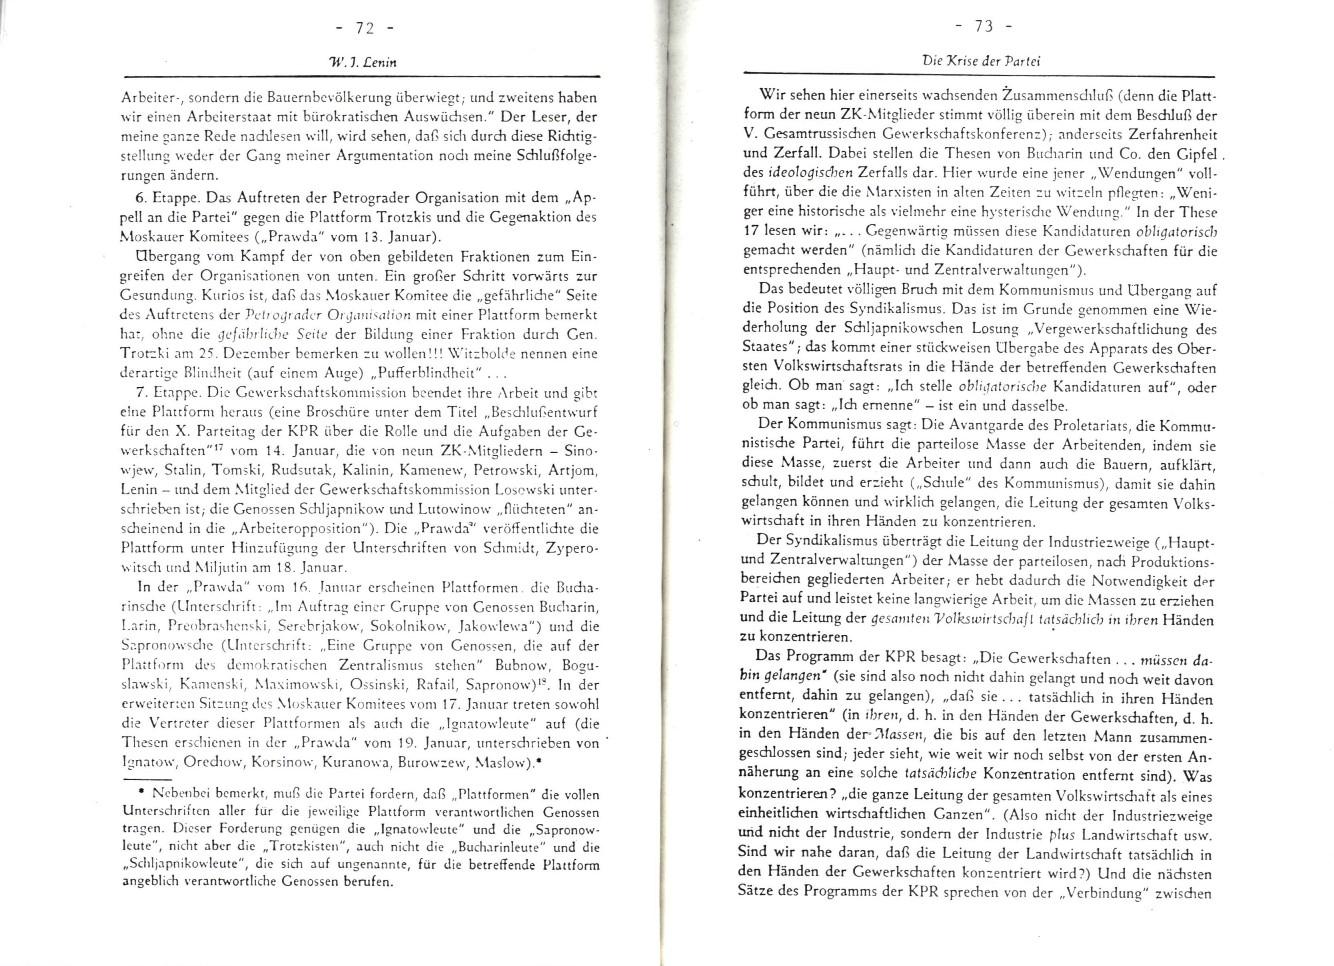 MLSK_Theorie_und_Praxis_des_ML_1979_25_37